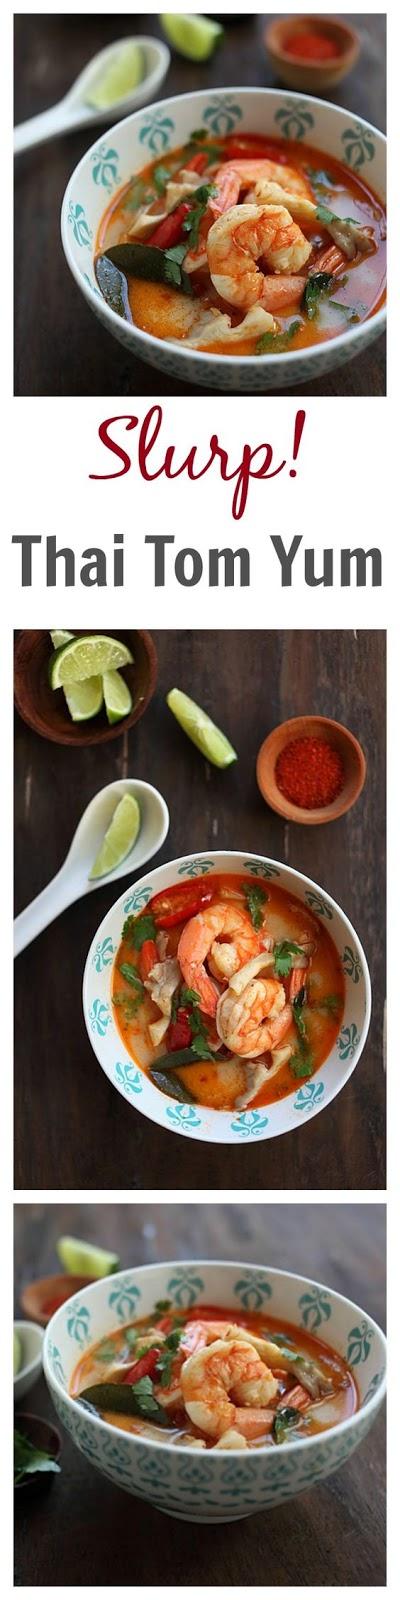 Tom Yum Soup Shrimp Recipe